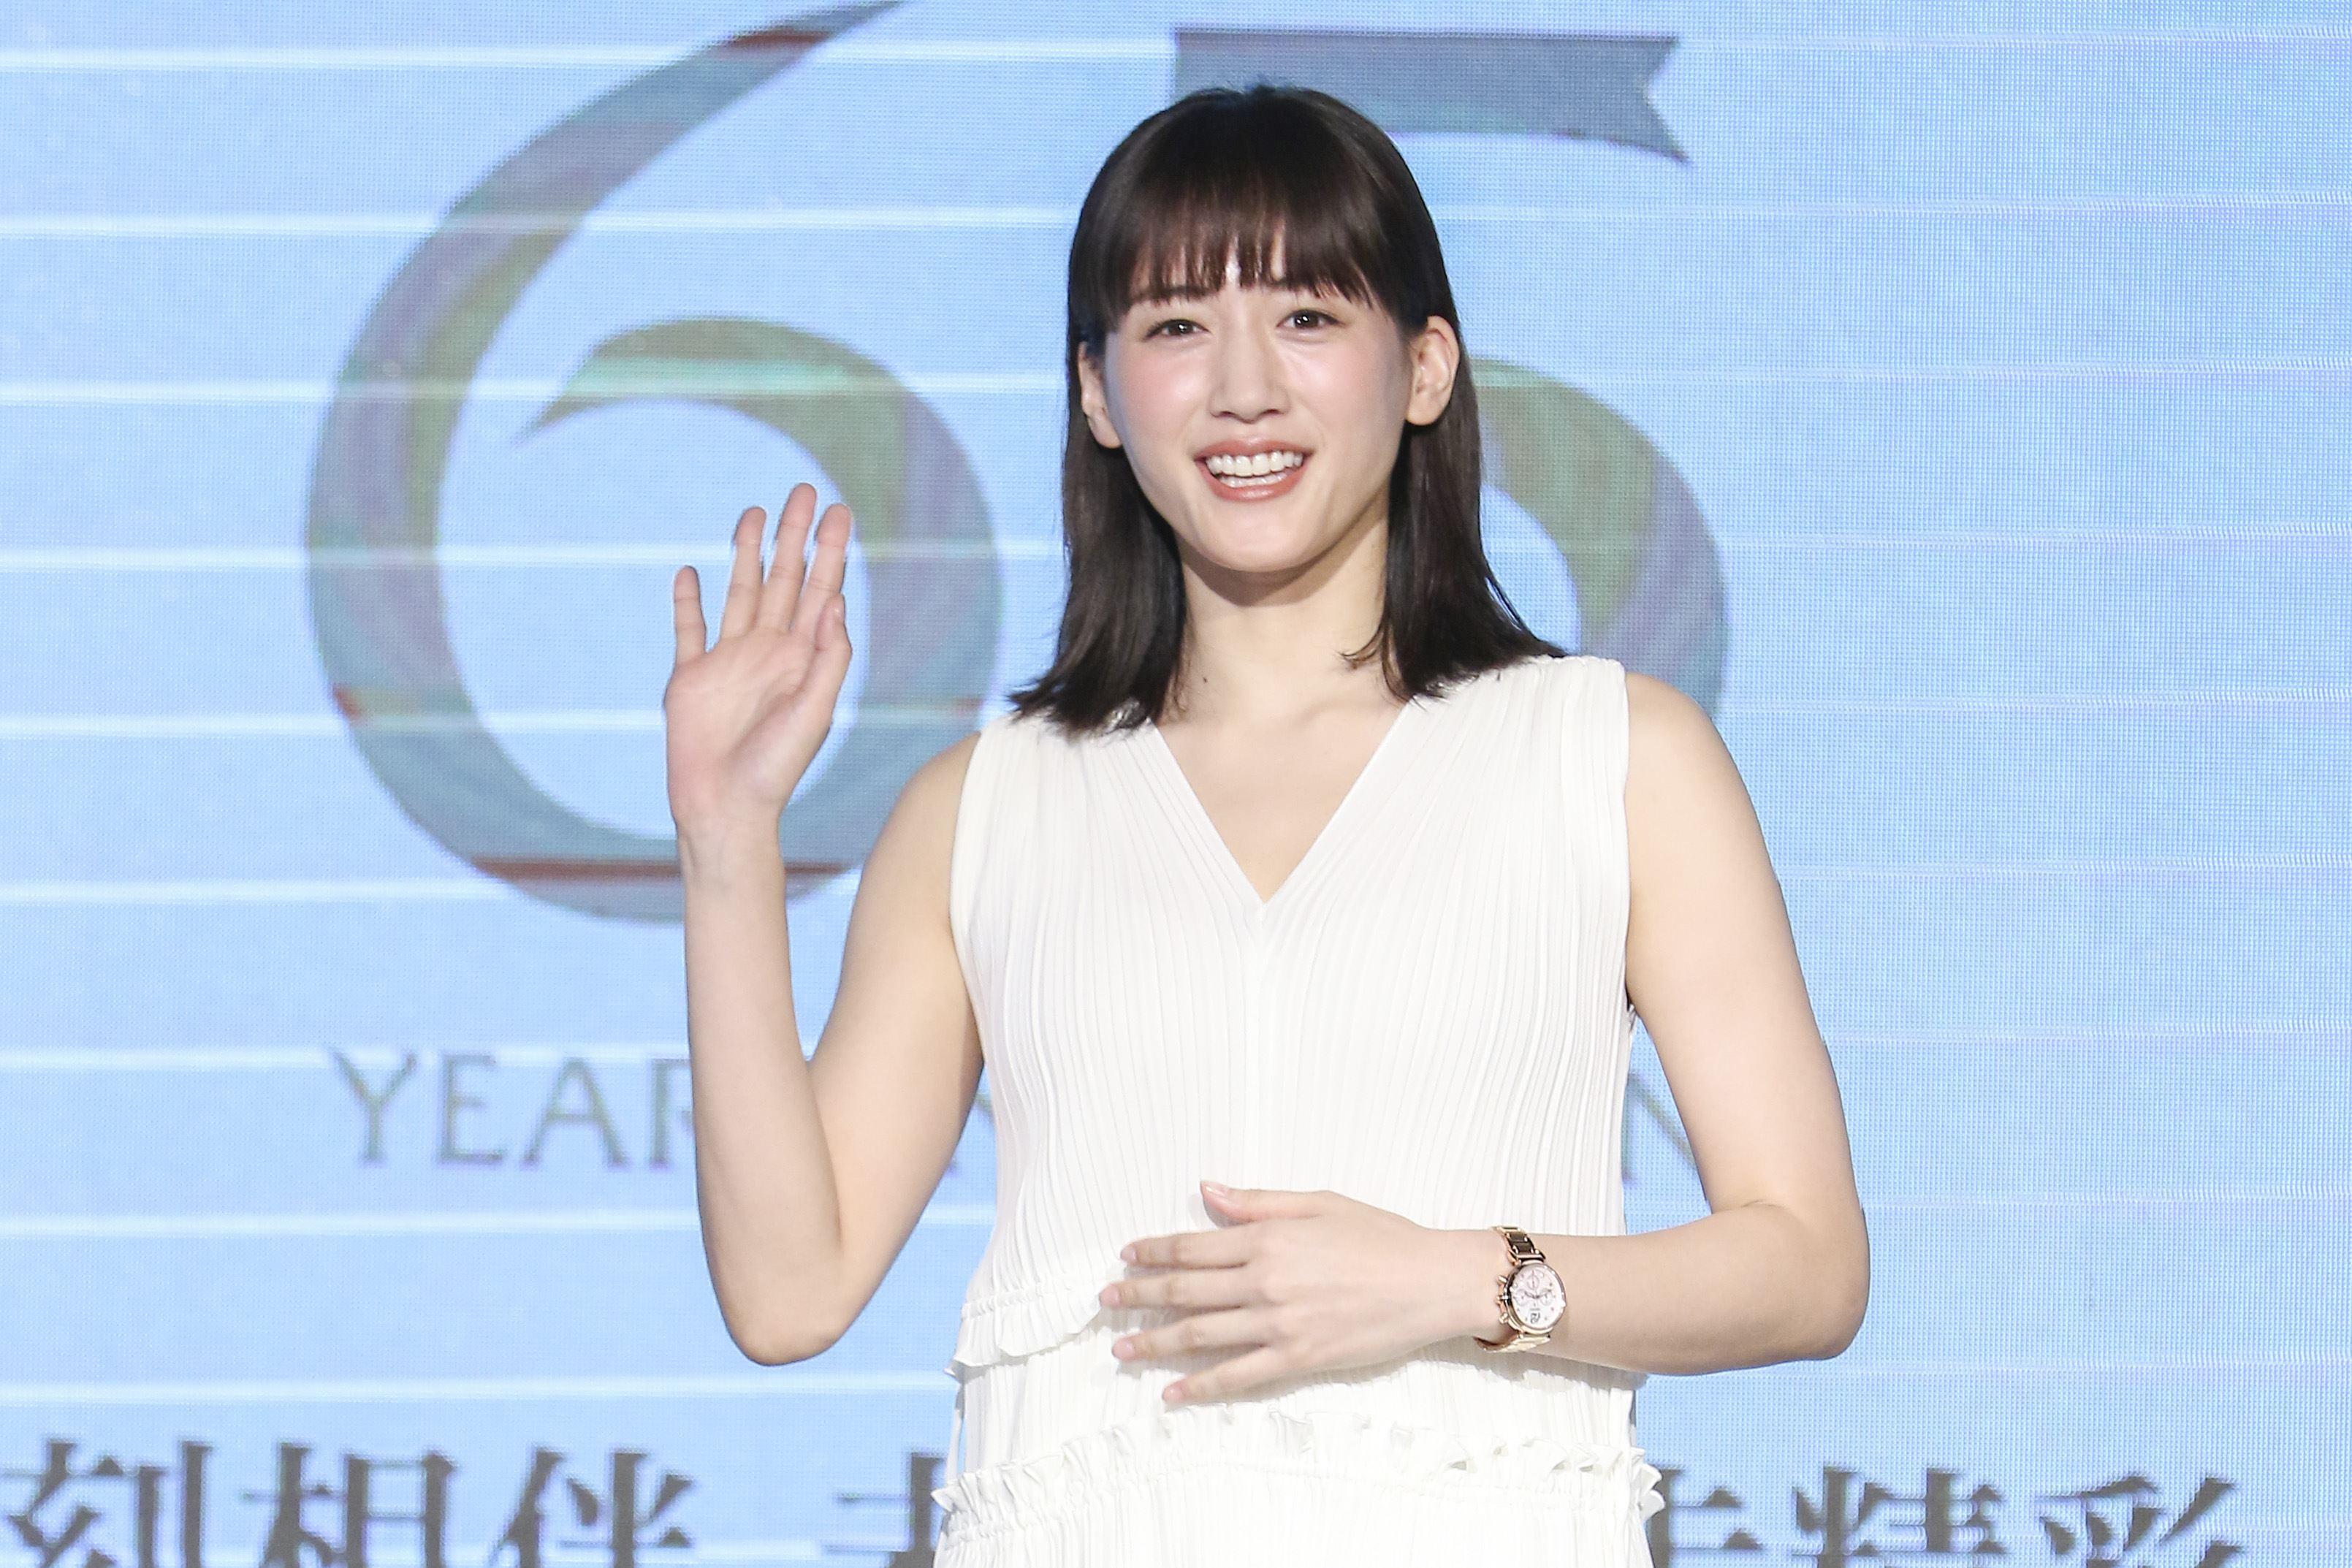 日本女星綾瀨遙代言鐘錶品牌活動,一身純白洋裝出席現場氣質非凡。(記者林士傑/攝影)